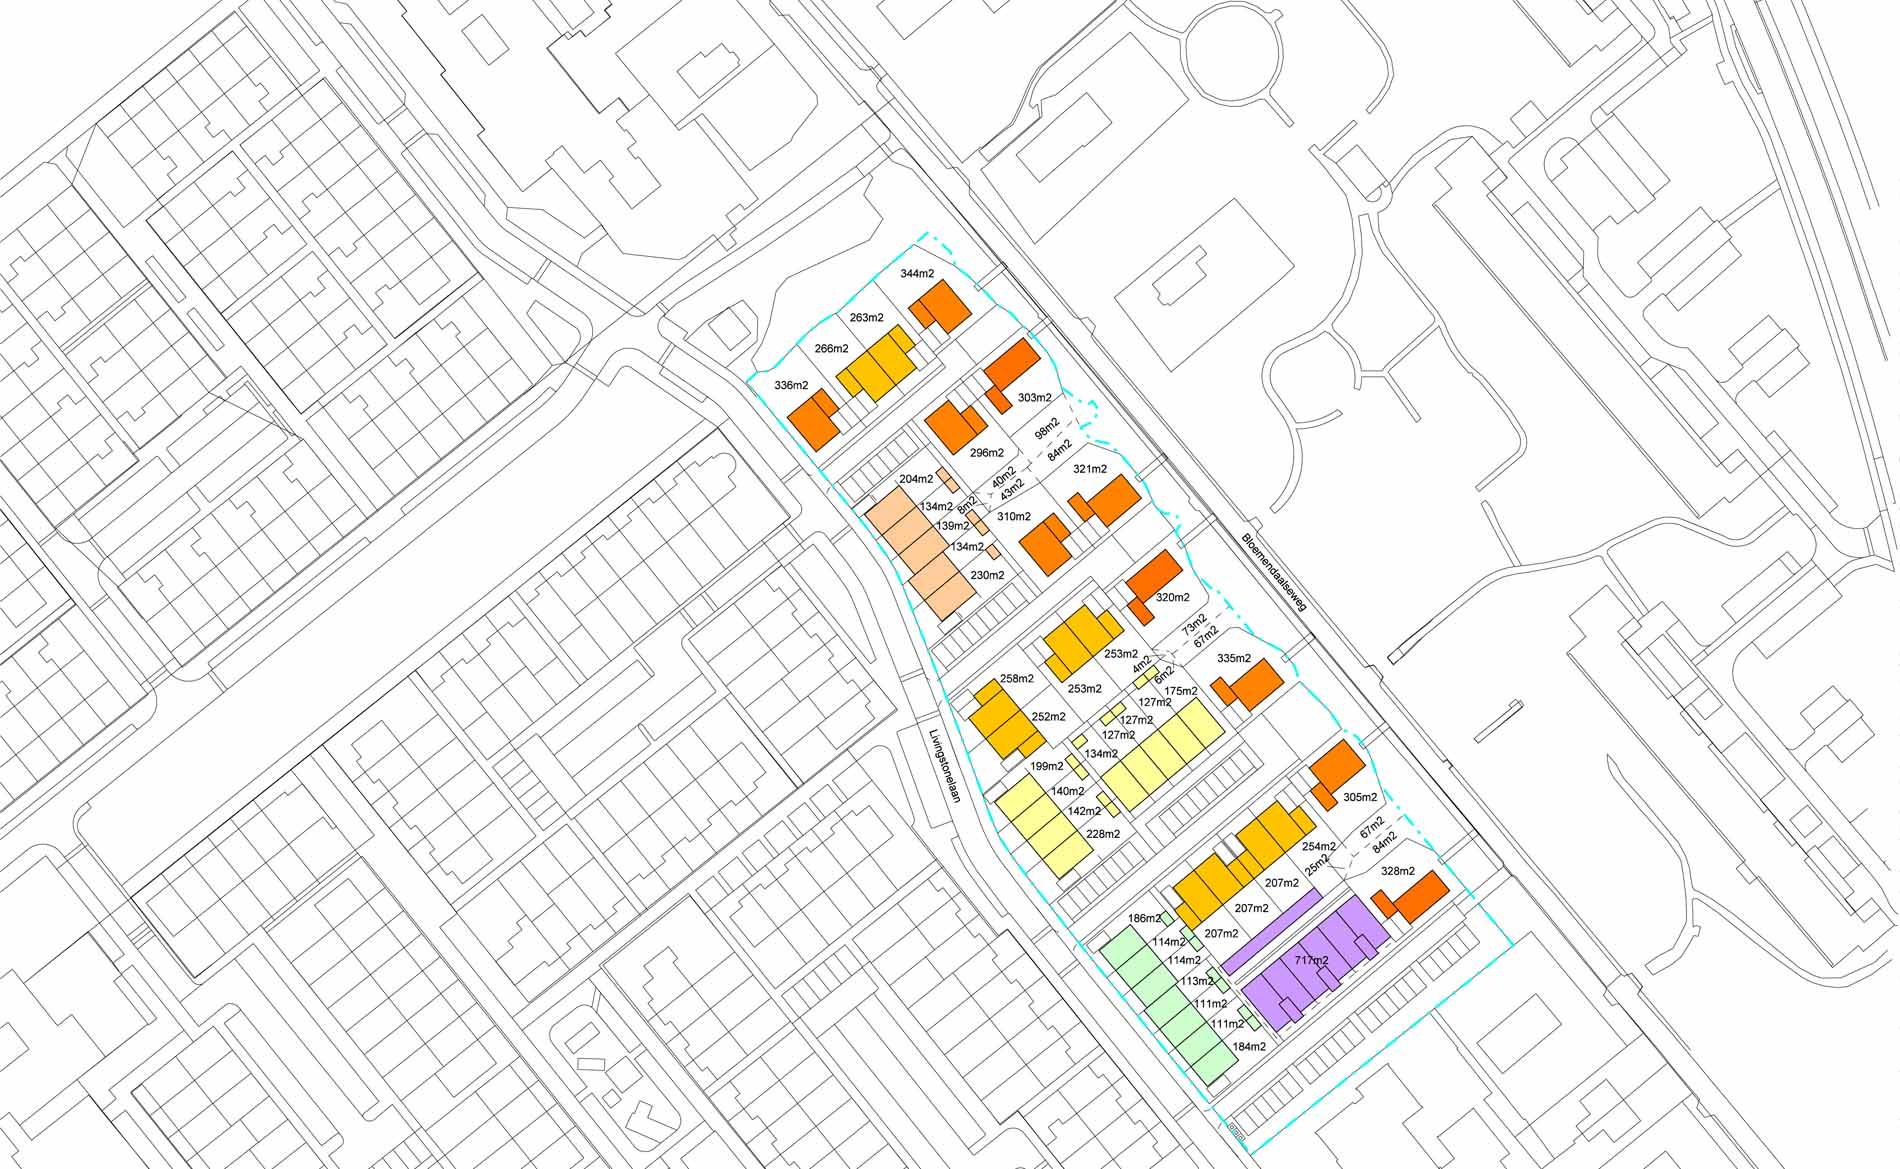 stedenbouwkundig plan Livingstonelaan Gouda woningbouw BBHD architecten